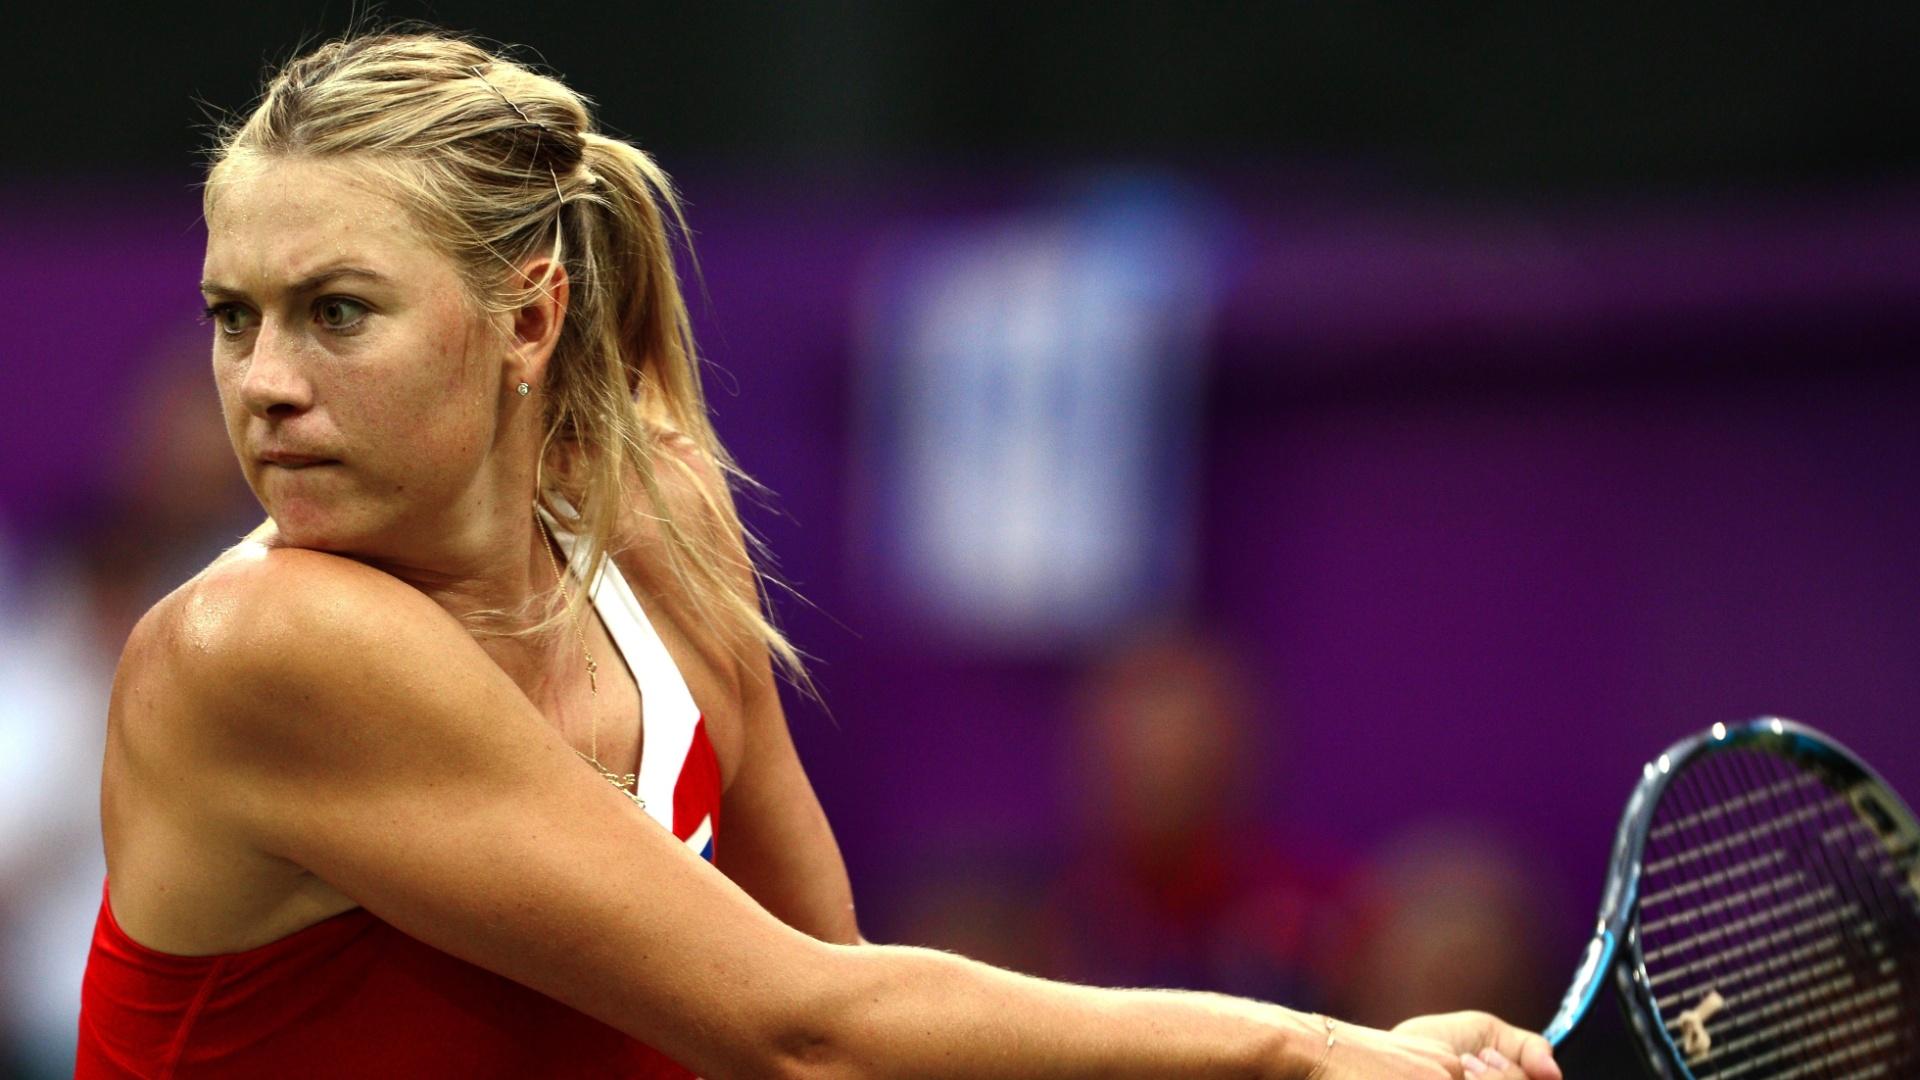 Musa russa Maria Sharapova rebate durante a partida contra Shahar Peer pelo torneio feminino dos Jogos de Londres